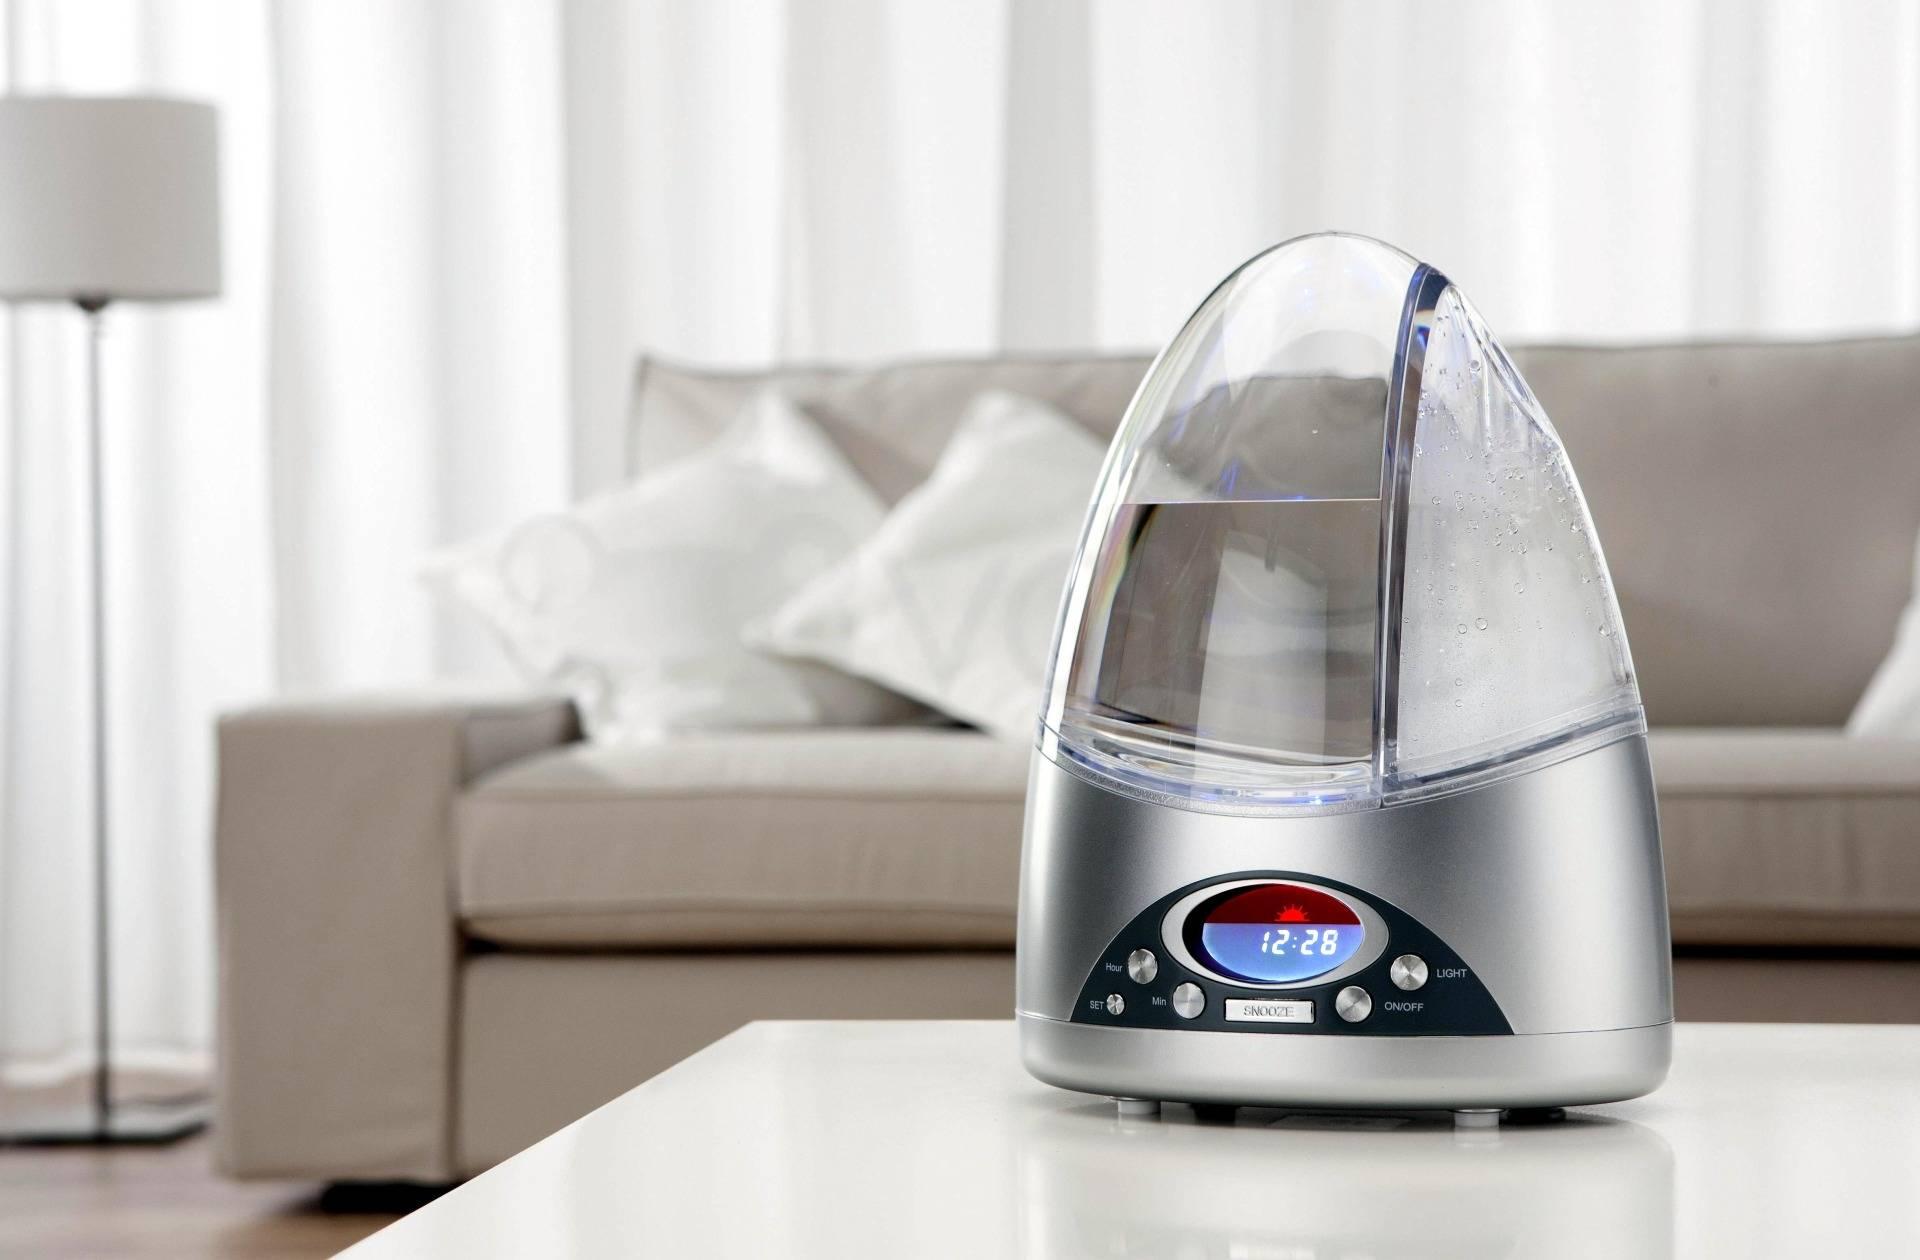 Ионизаторы воздуха – польза и вред, устройство и компоненты, правила эксплуатации, рекомендации и противопоказания к применению, отзывы